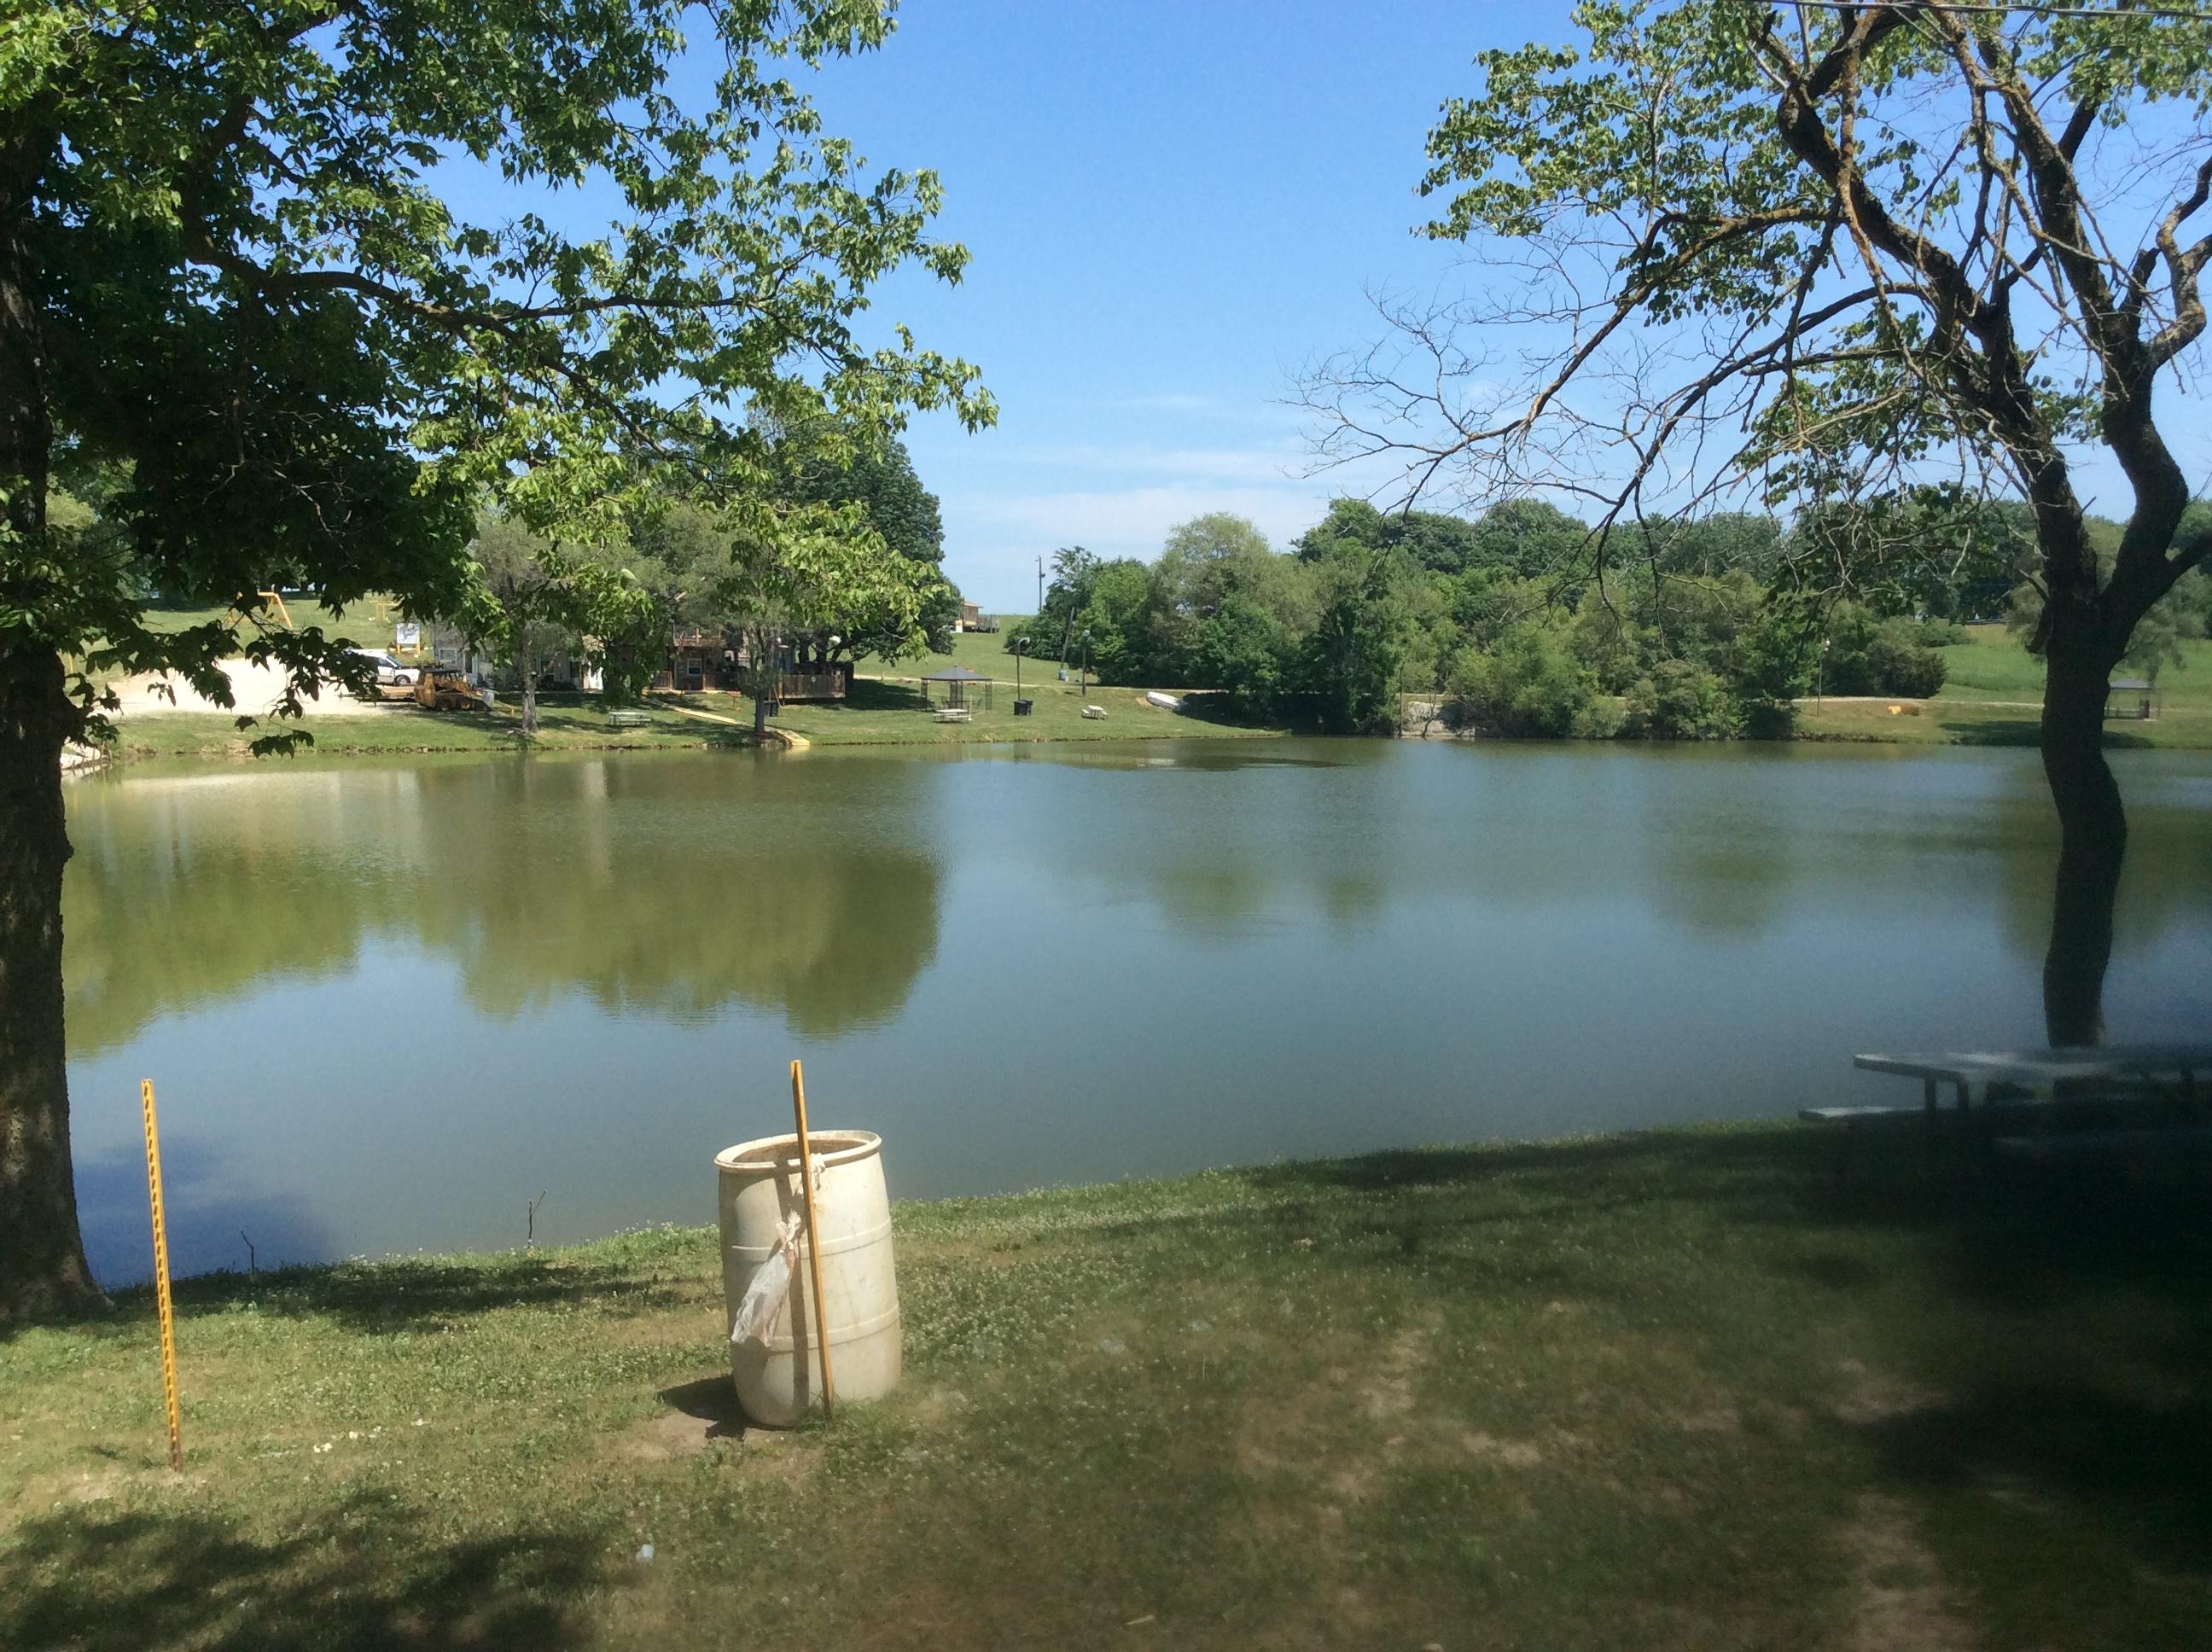 Bob 39 s fishing lake camp grounds in savannah mo 64485 for Fish lake camping